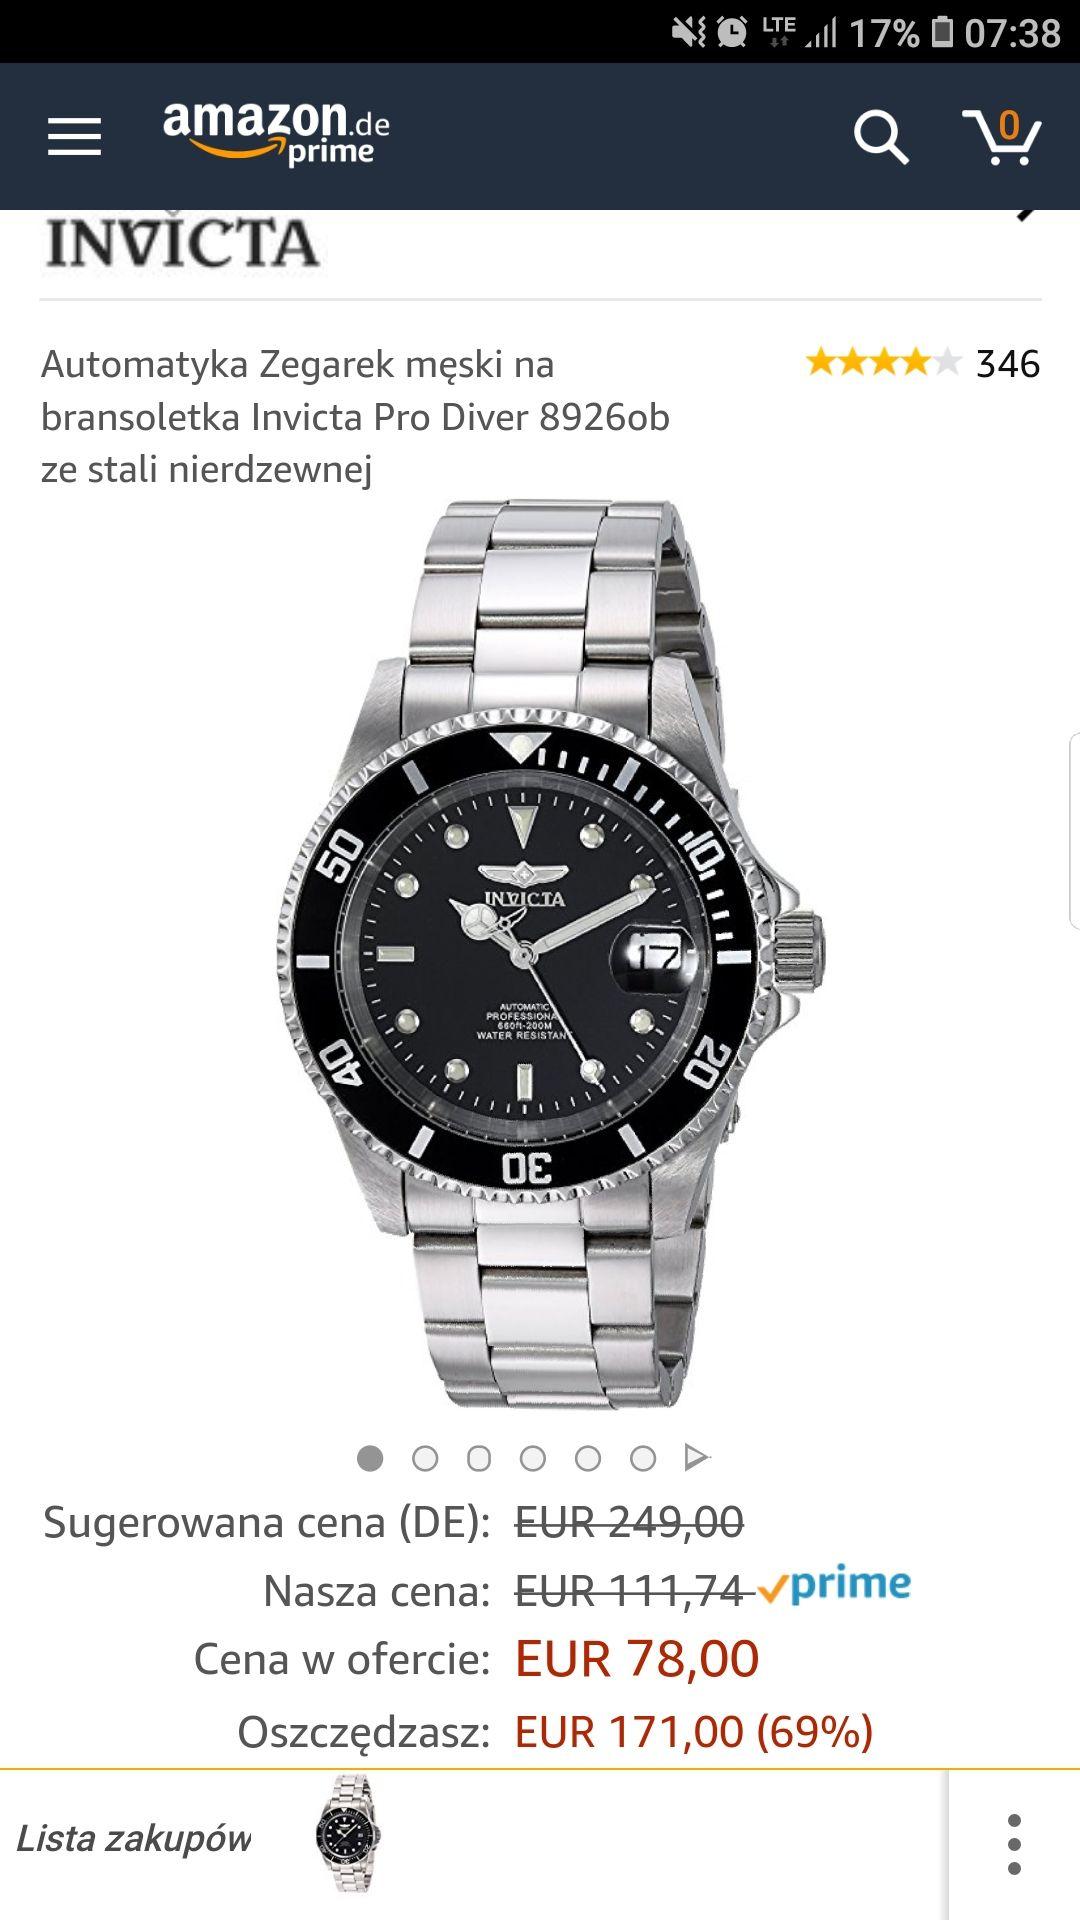 Zegarek automatyczny Invicta 8926